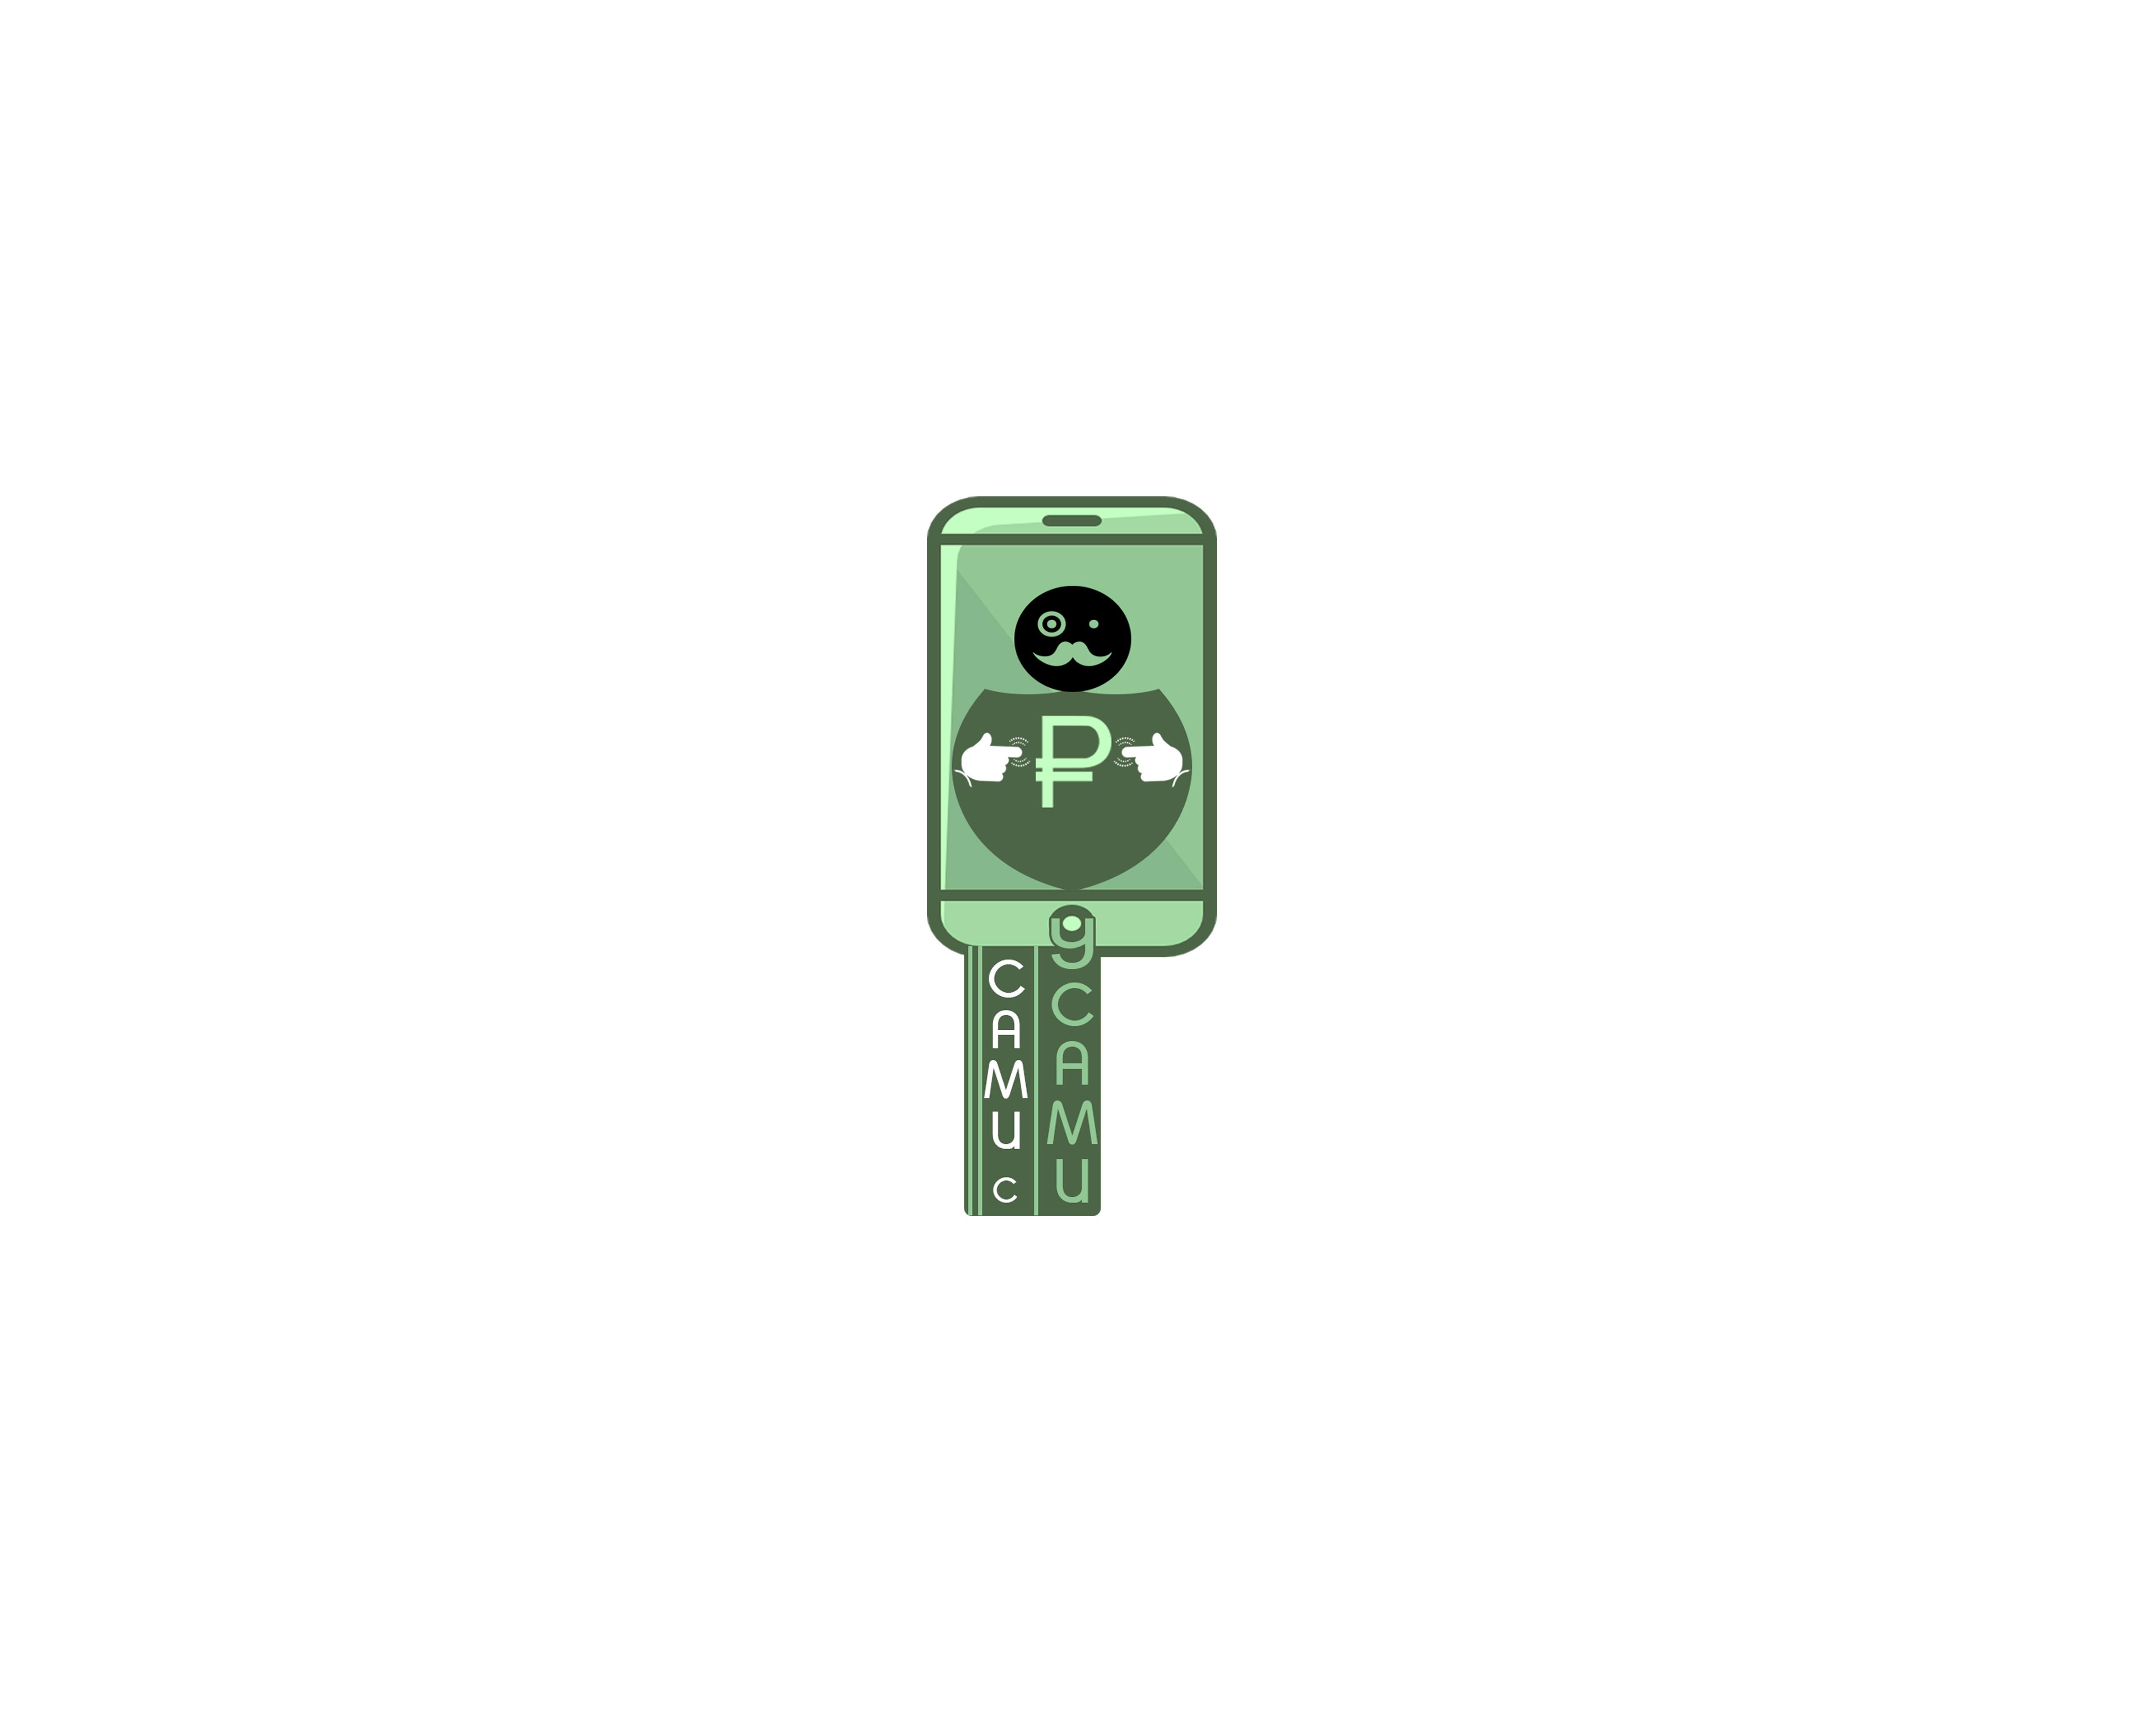 Разработка Логотипа 6 000 руб. фото f_08858f90fada8962.jpg